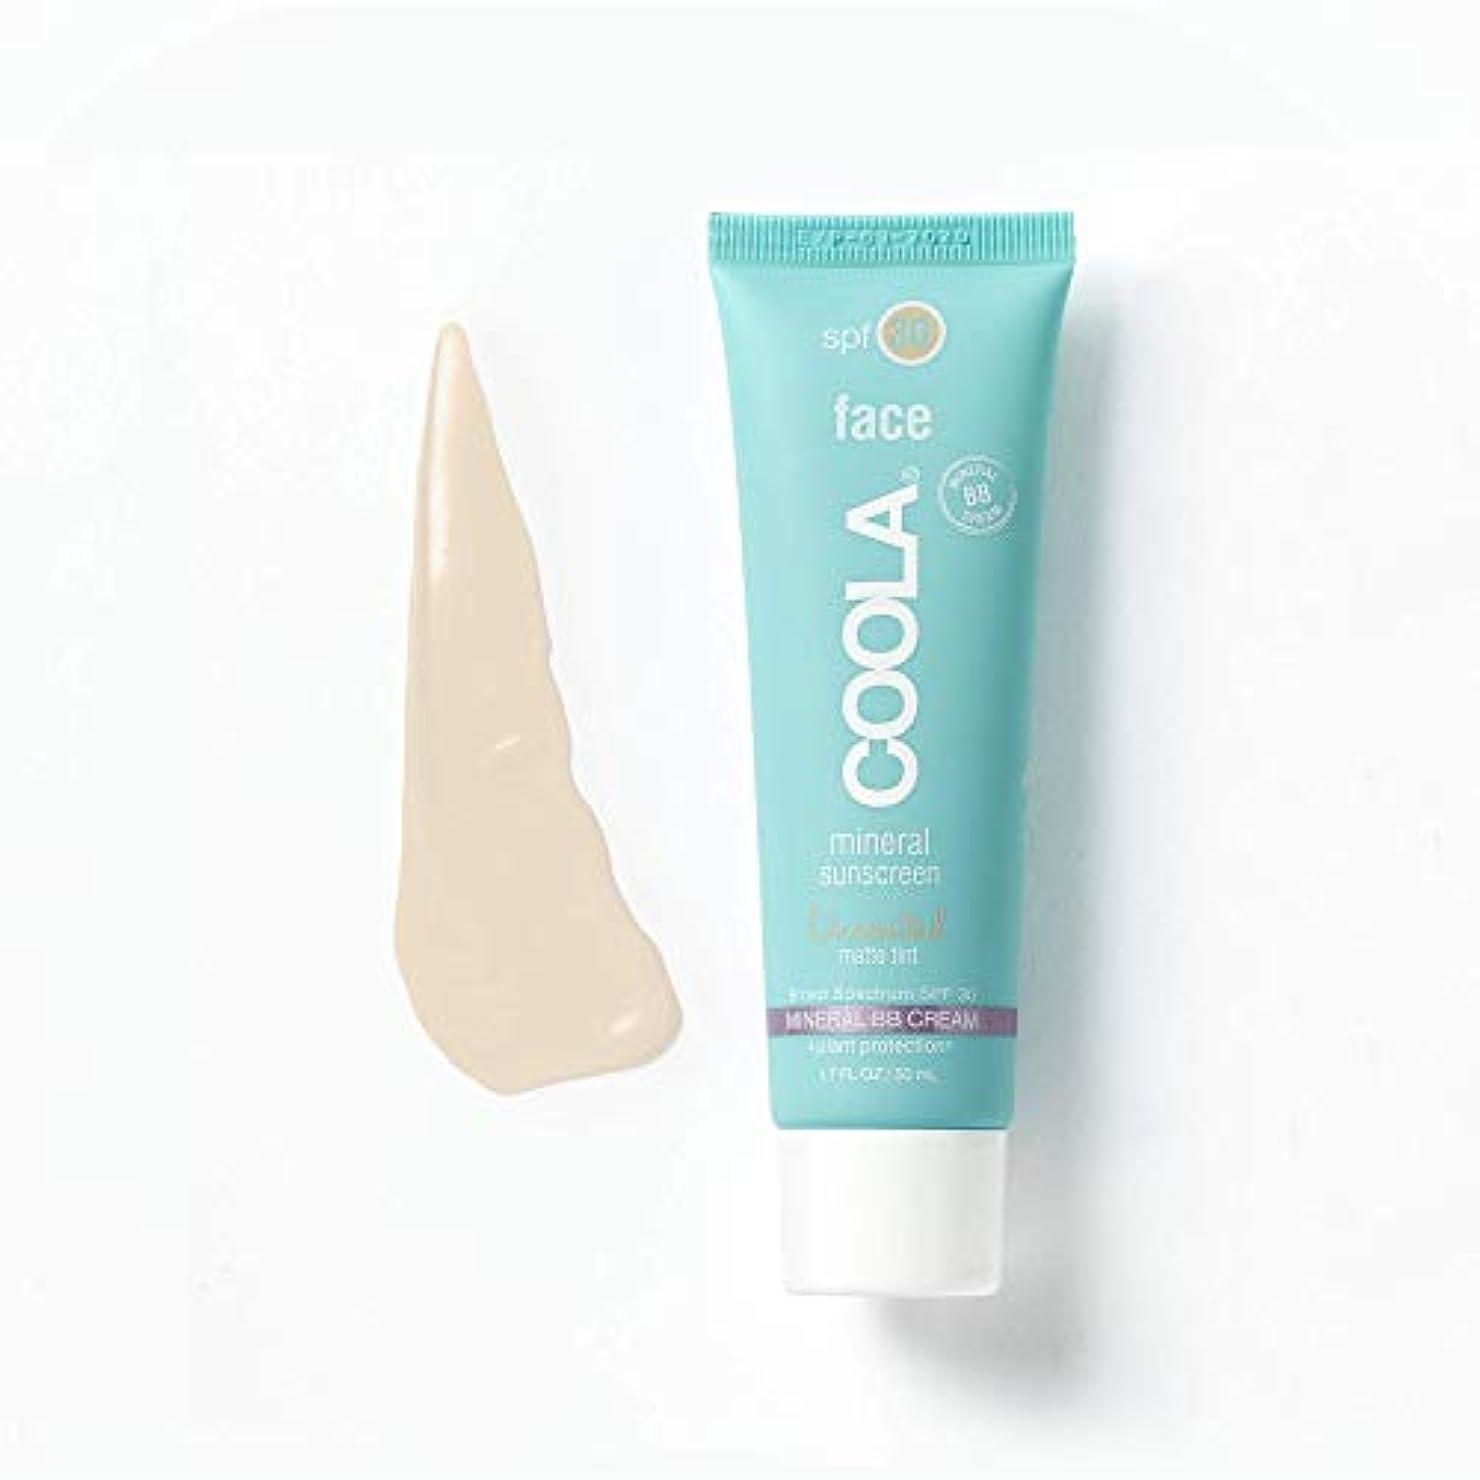 食事合併症開発するCoola Face Spf 30 Mineral Sunscreen Unscented Matte Tint (並行輸入品)